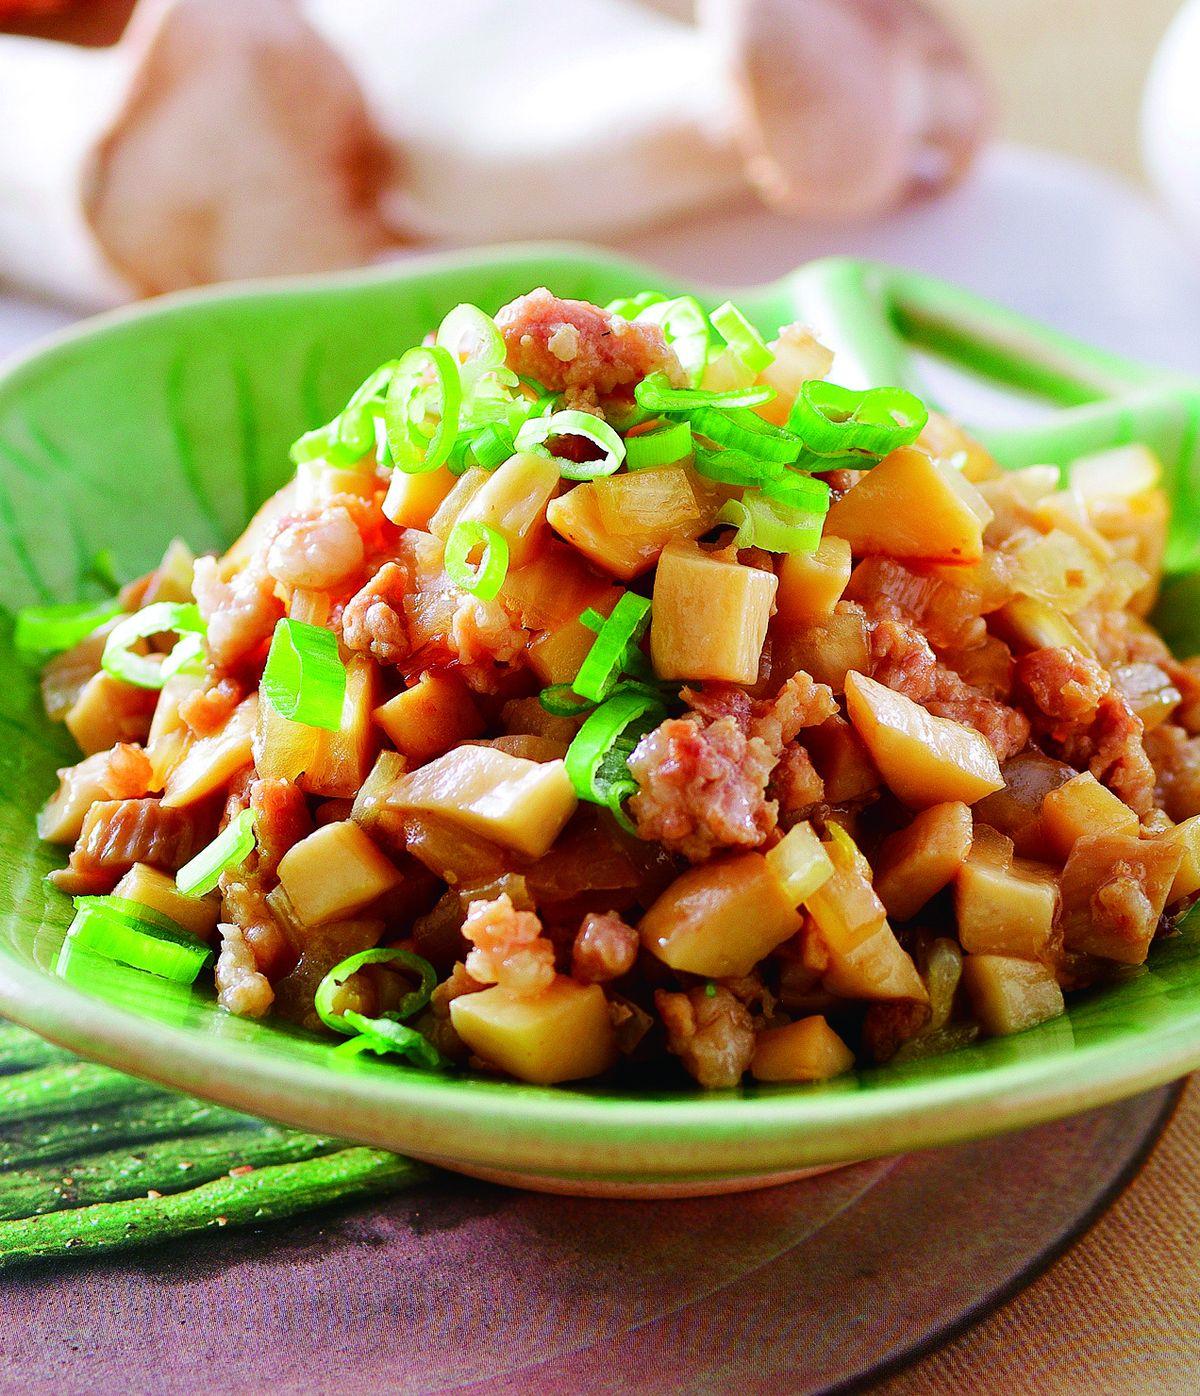 食譜:杏鮑菇炒肉醬